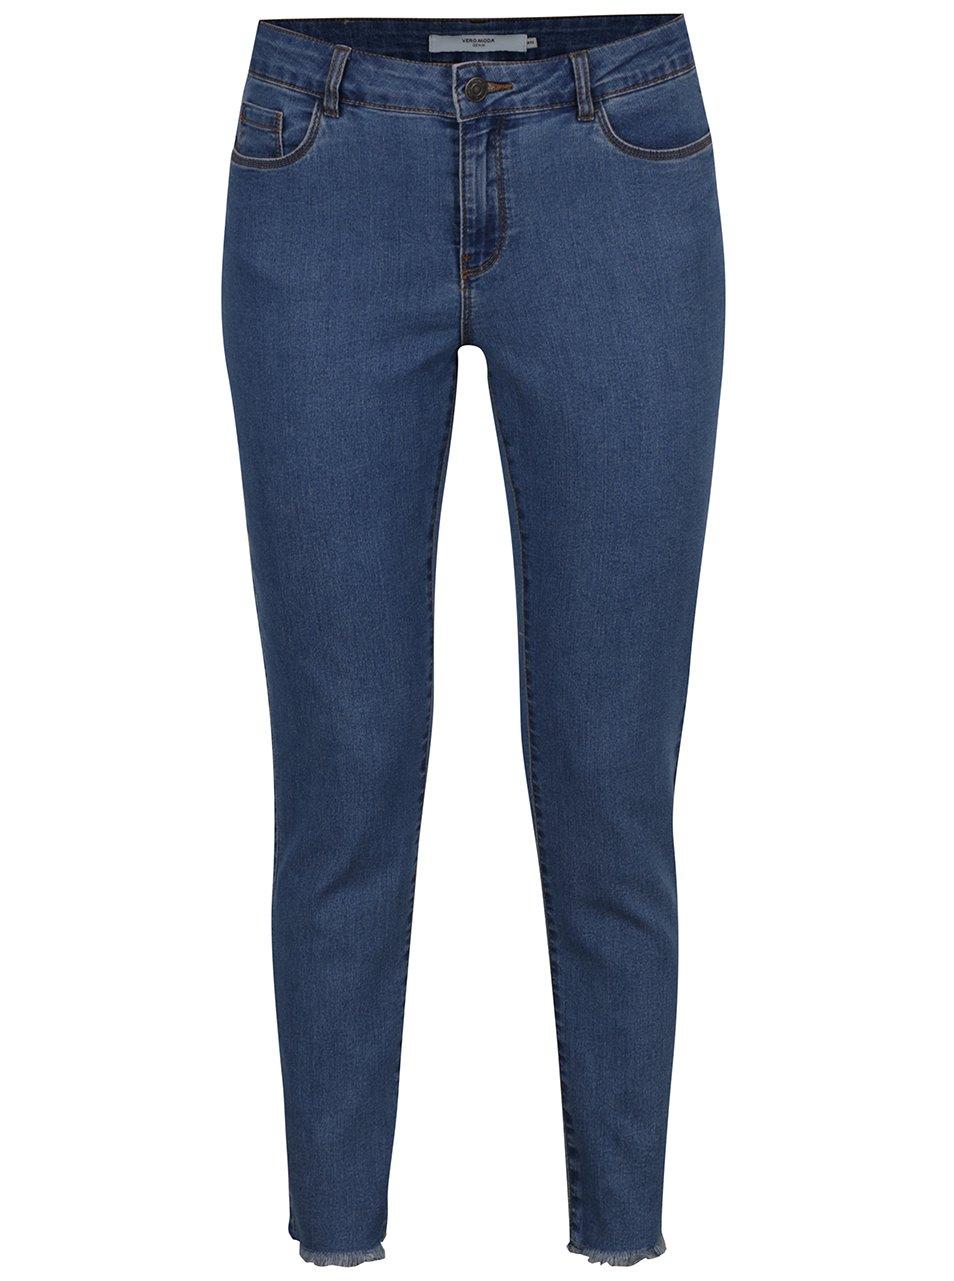 Modré slim džíny s roztřepenými lemy VERO MODA Seven